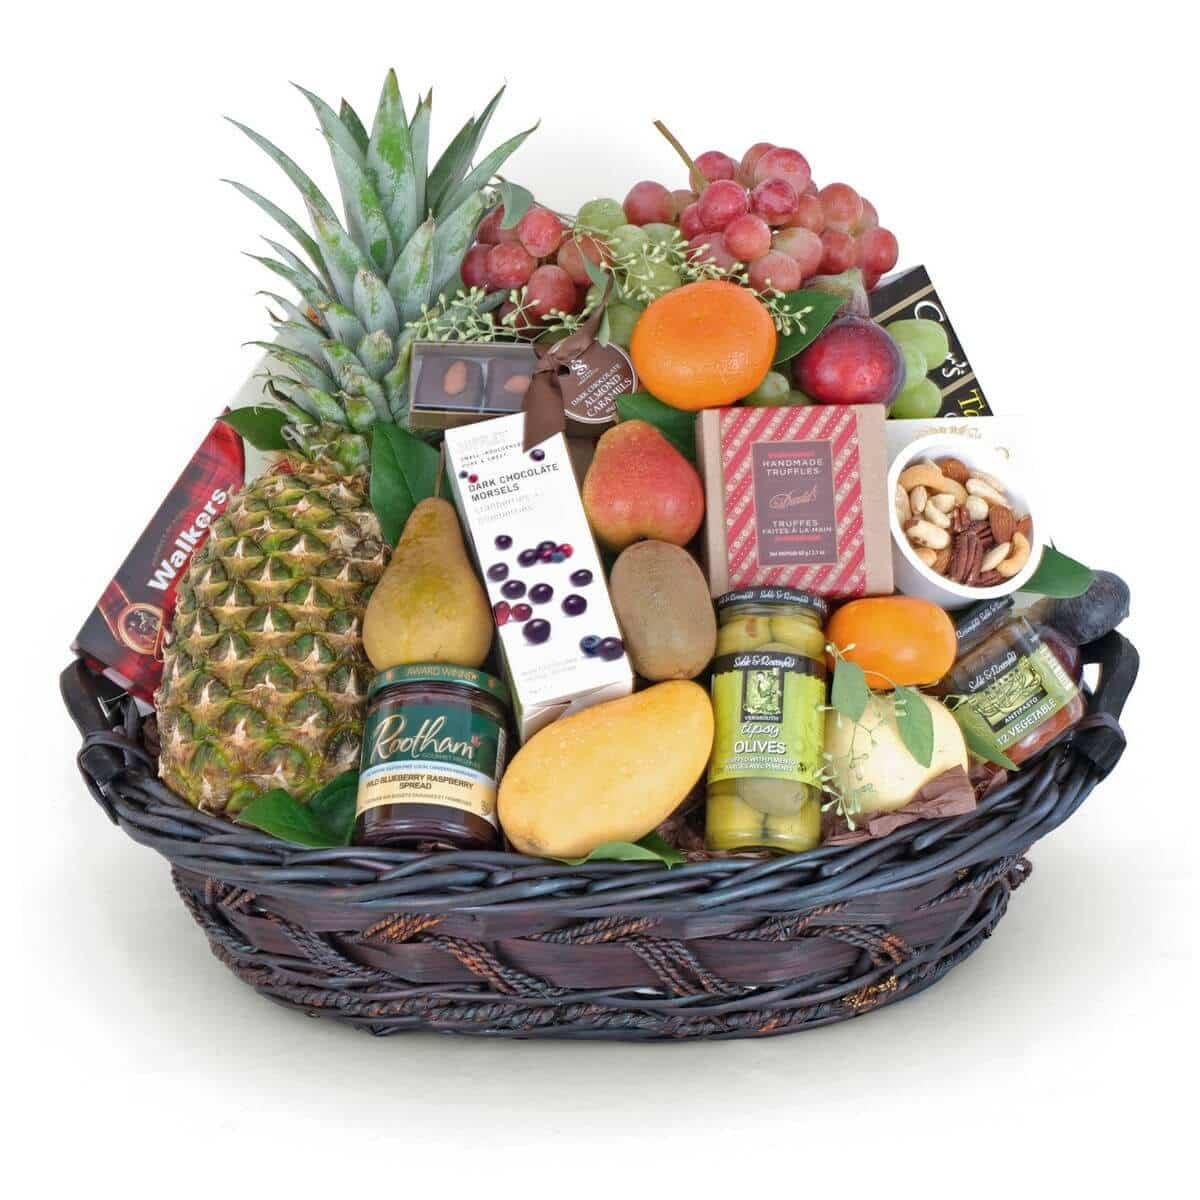 Quà tặng tết cao cấp 2018 - Vinfruits